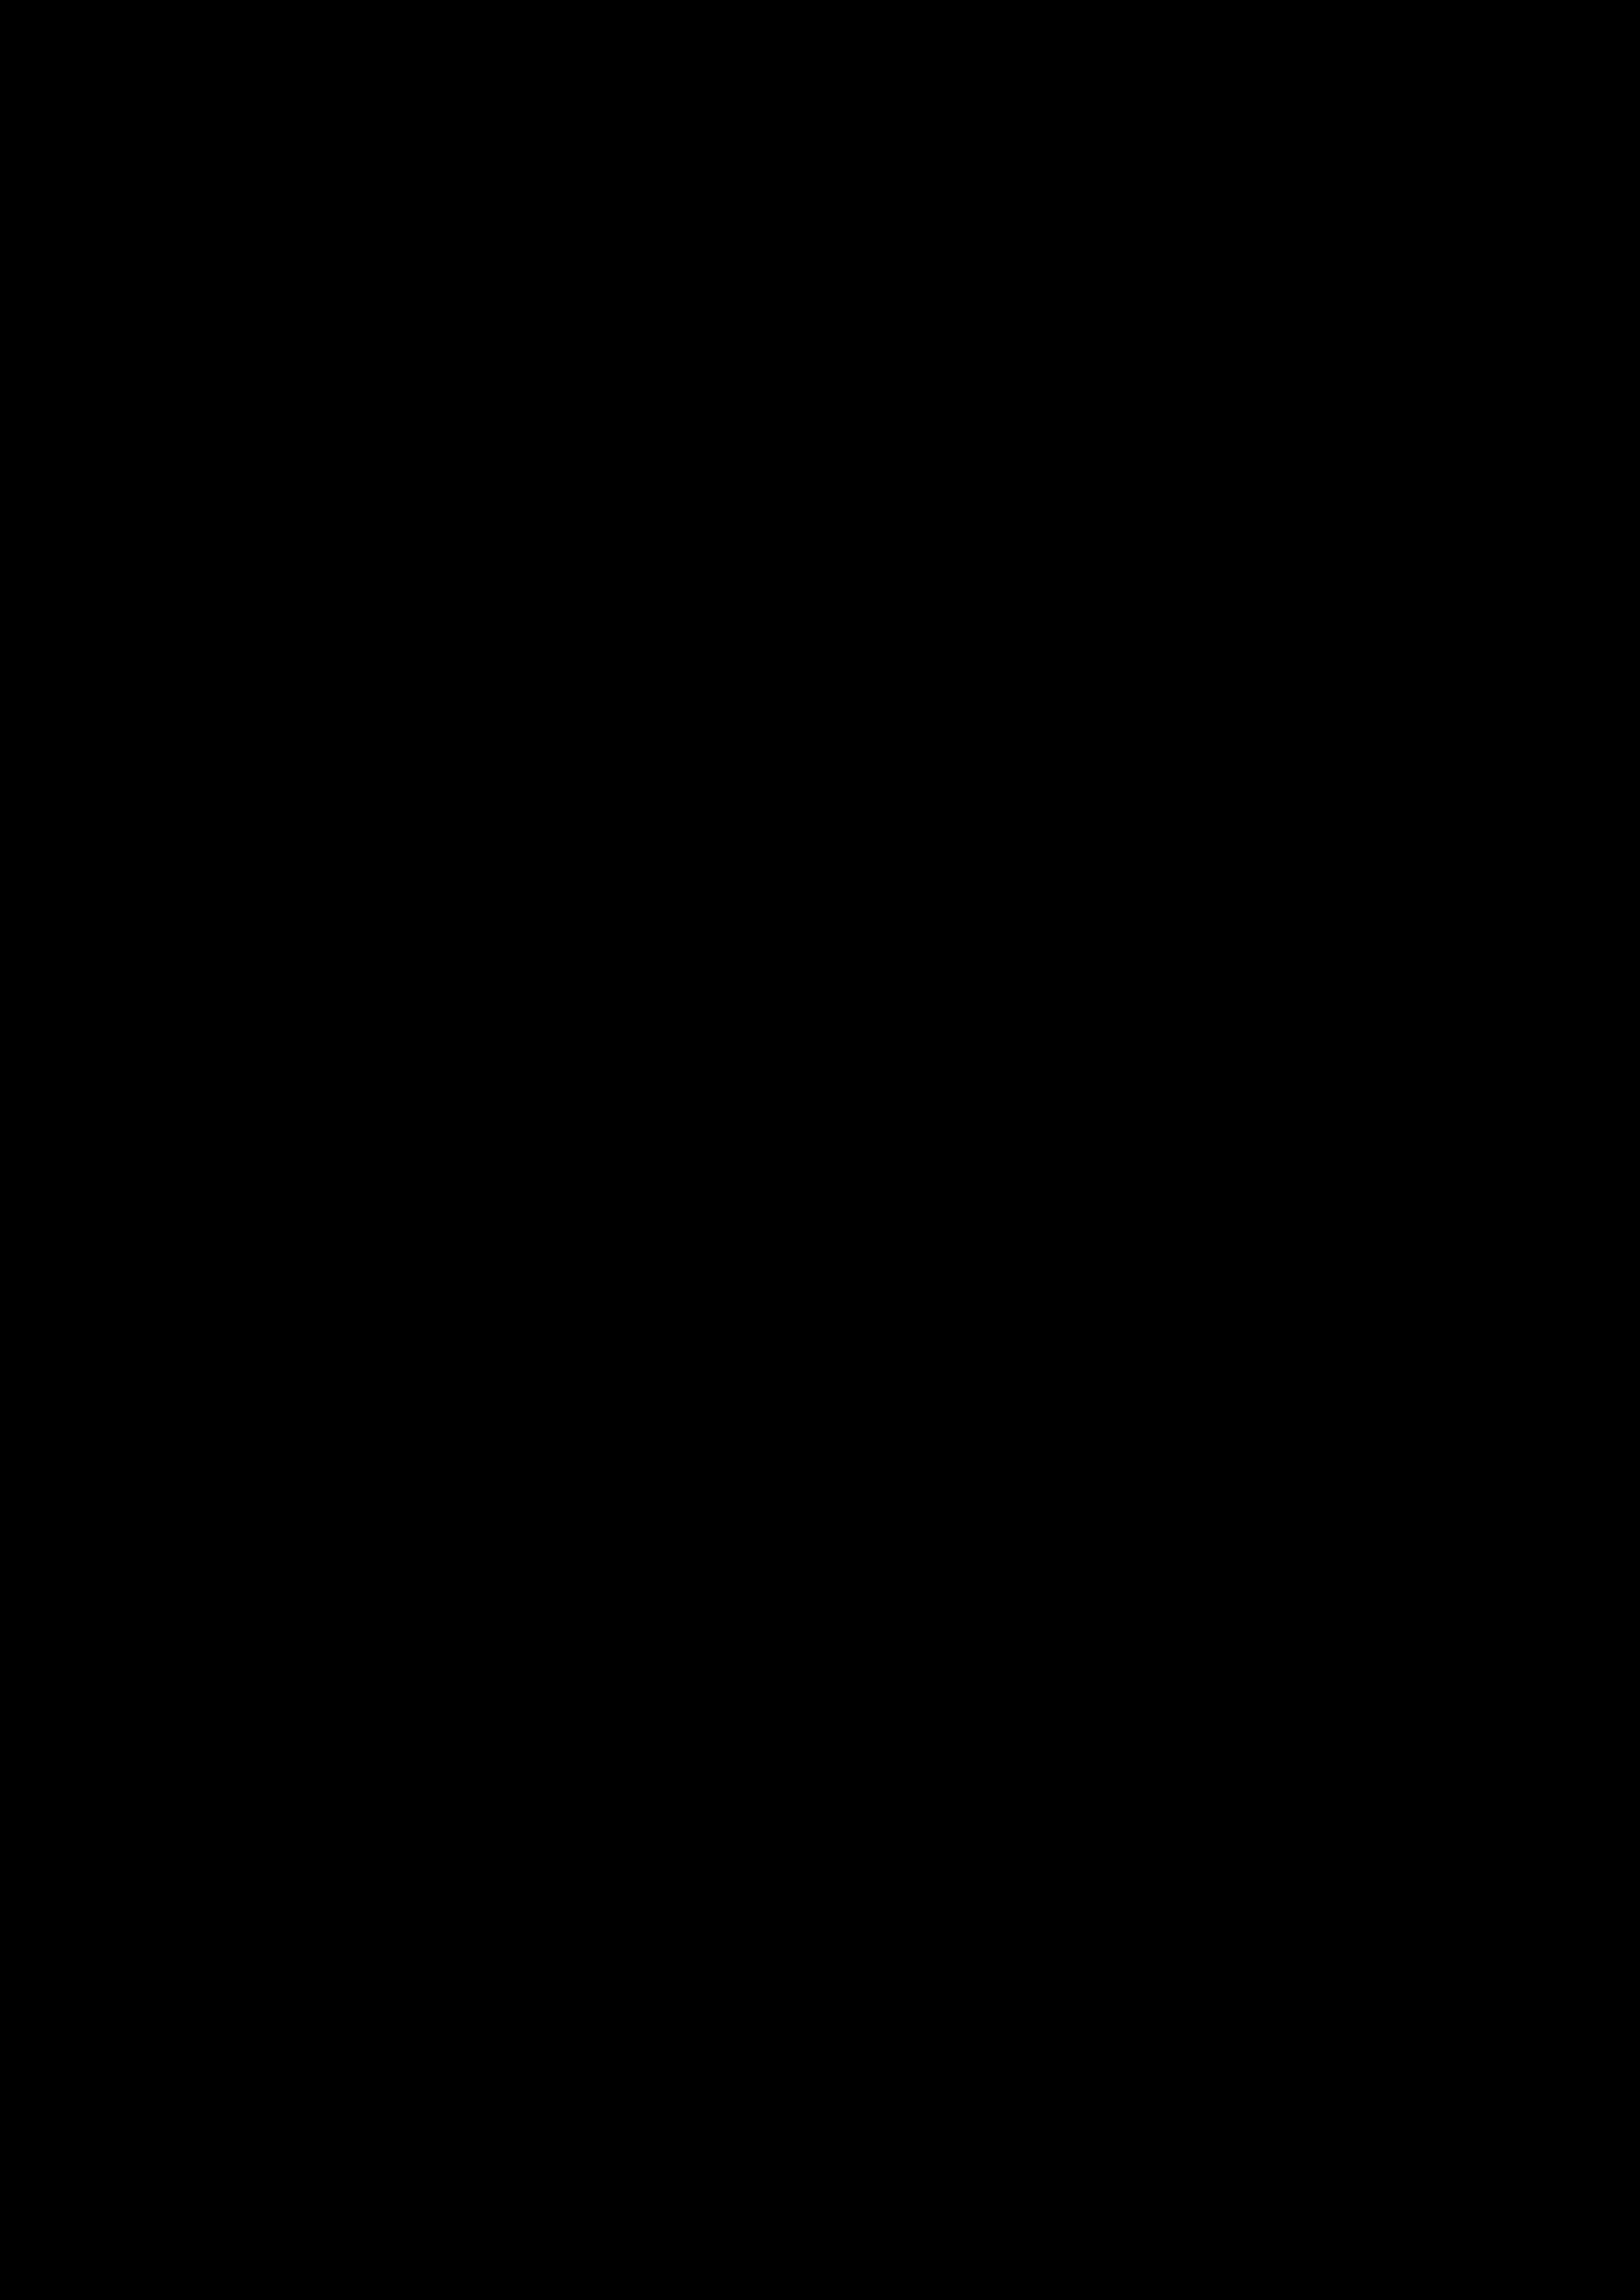 Bja A1 Nachtder Lichter 201009 AKTUELL1